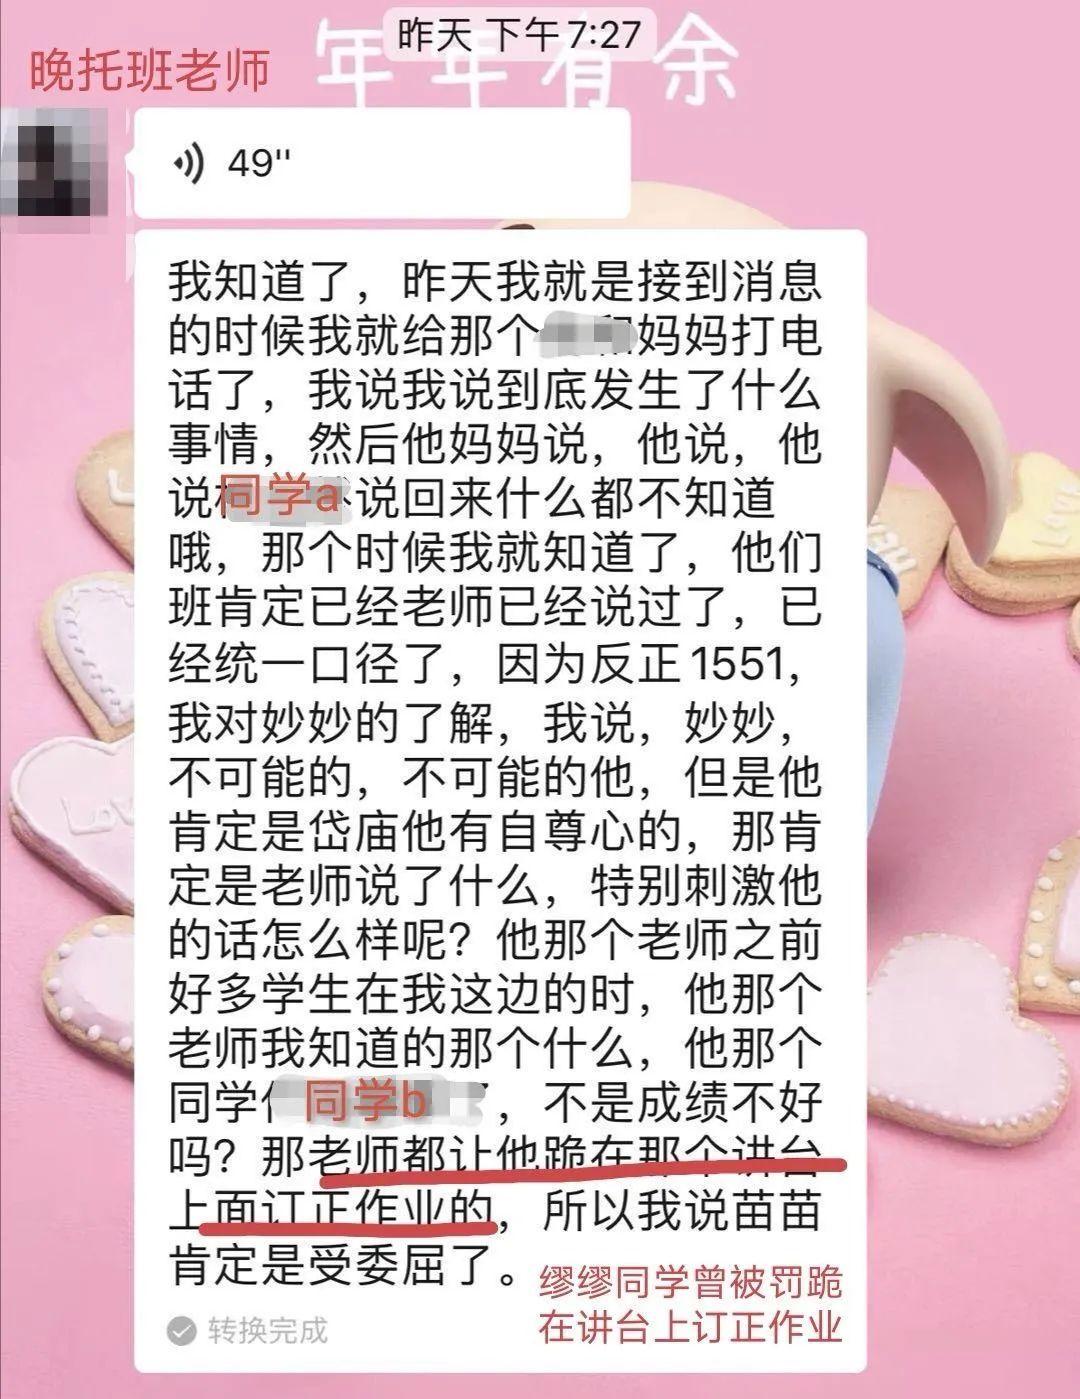 晚托班老师说缪缪的同学曾被罚跪着订正作业,已到警局录过口供